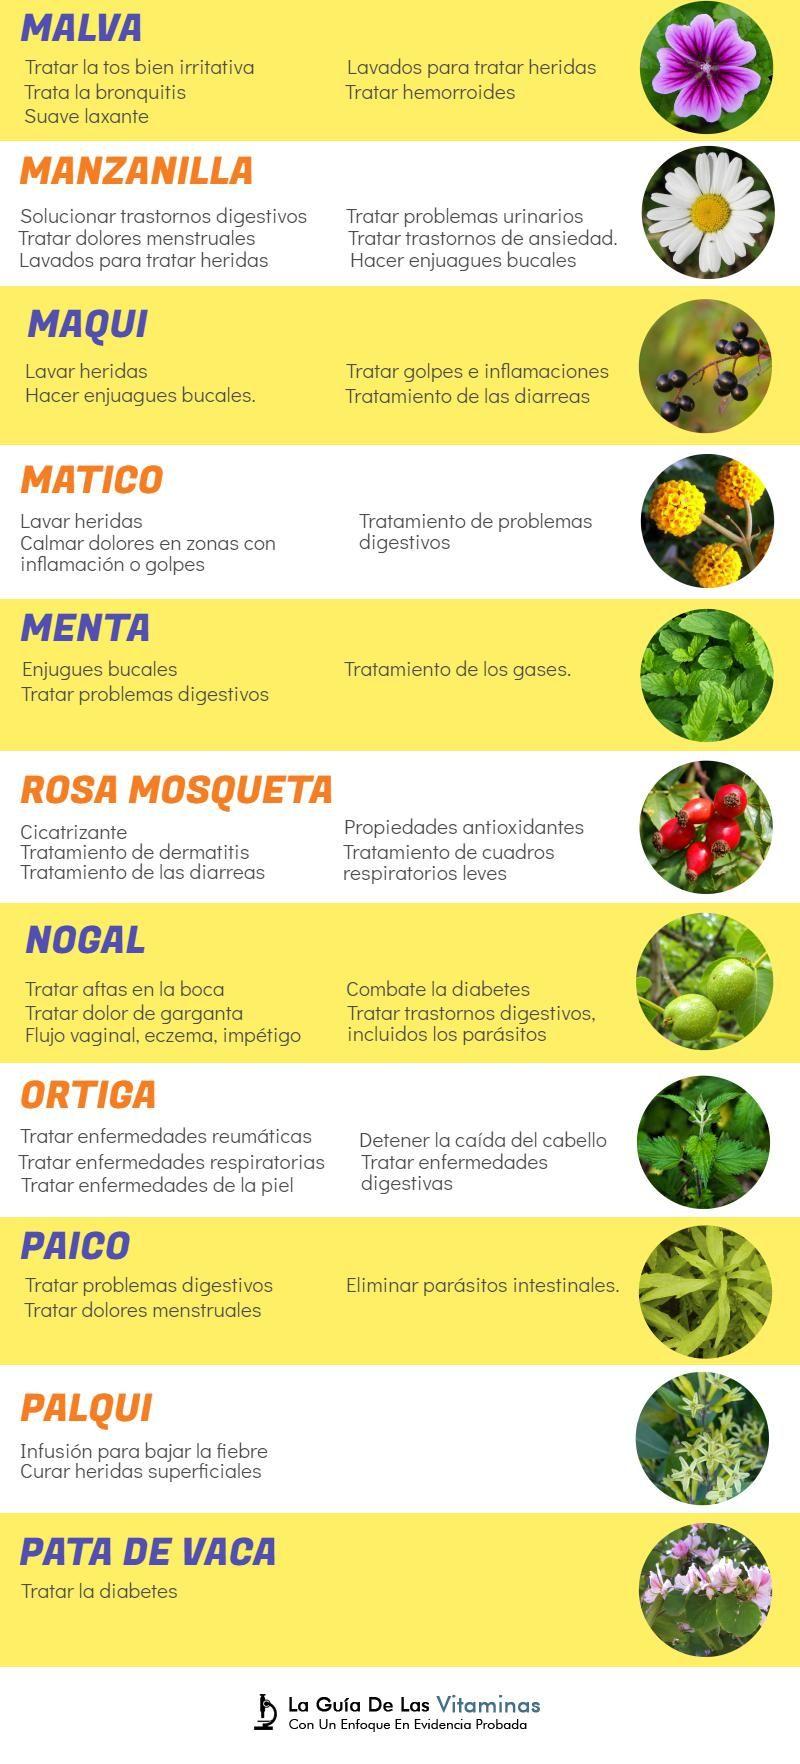 hierbas medicinales para la diabetes información tagalog